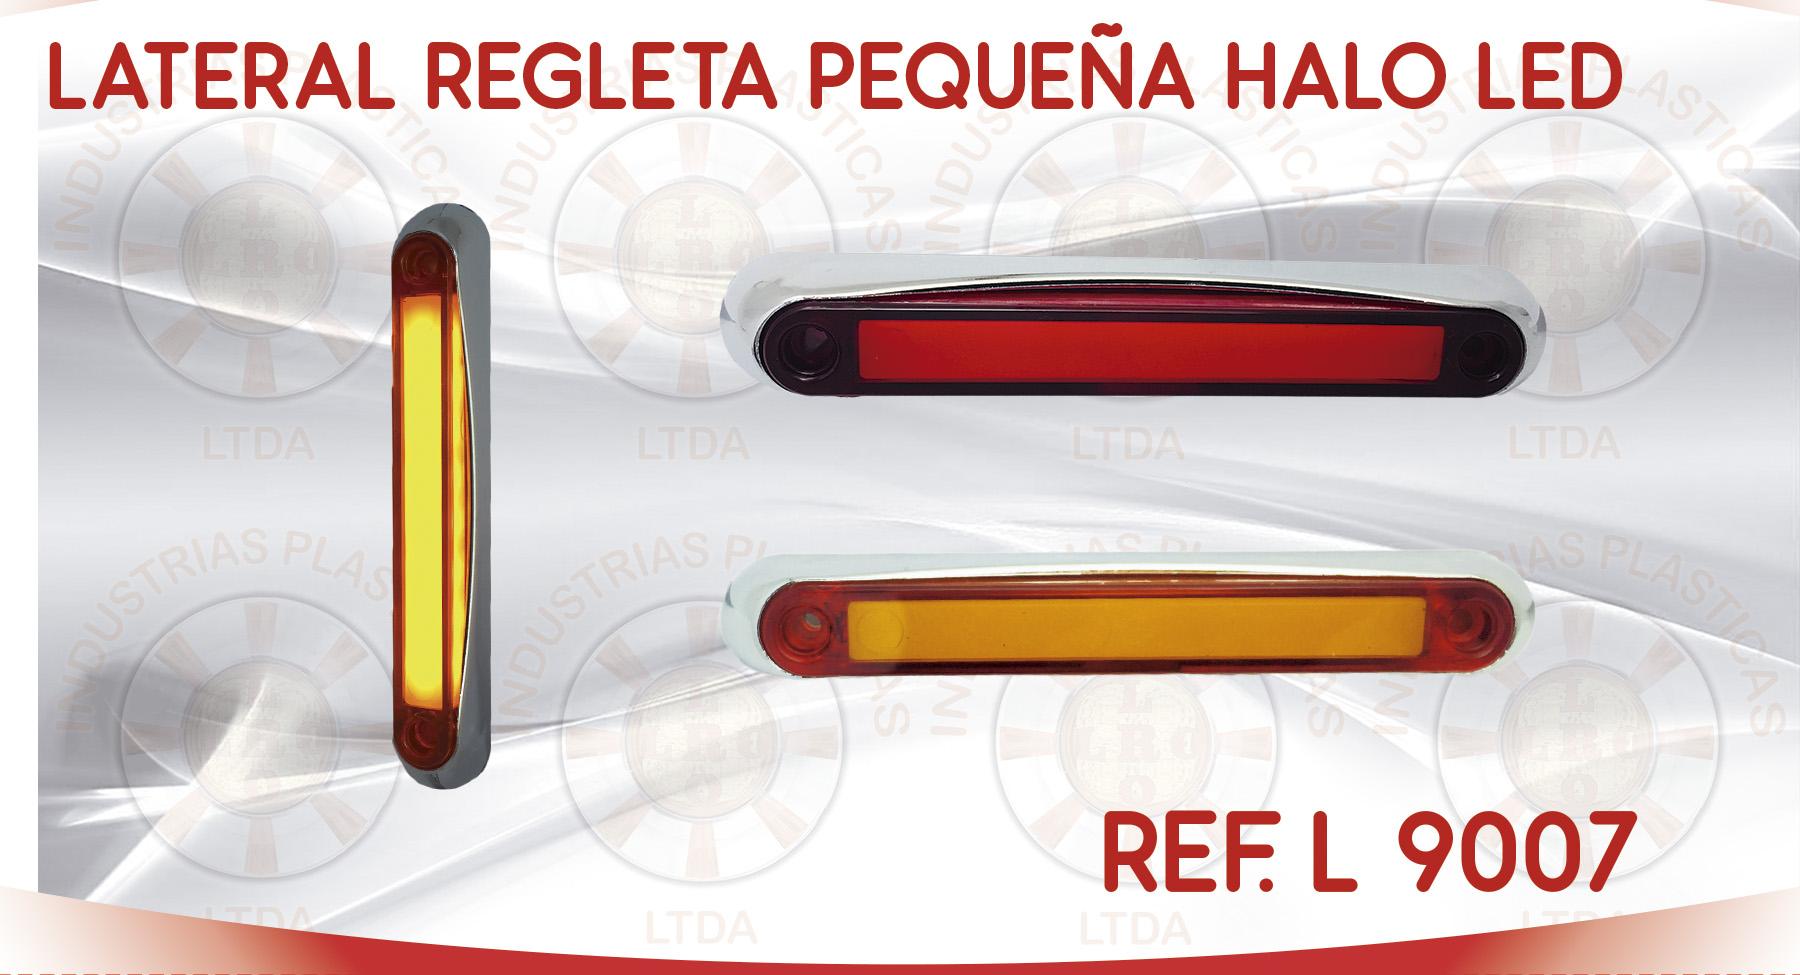 L 9007 LATERAL REGLETA PEQUEÑA HALO LED